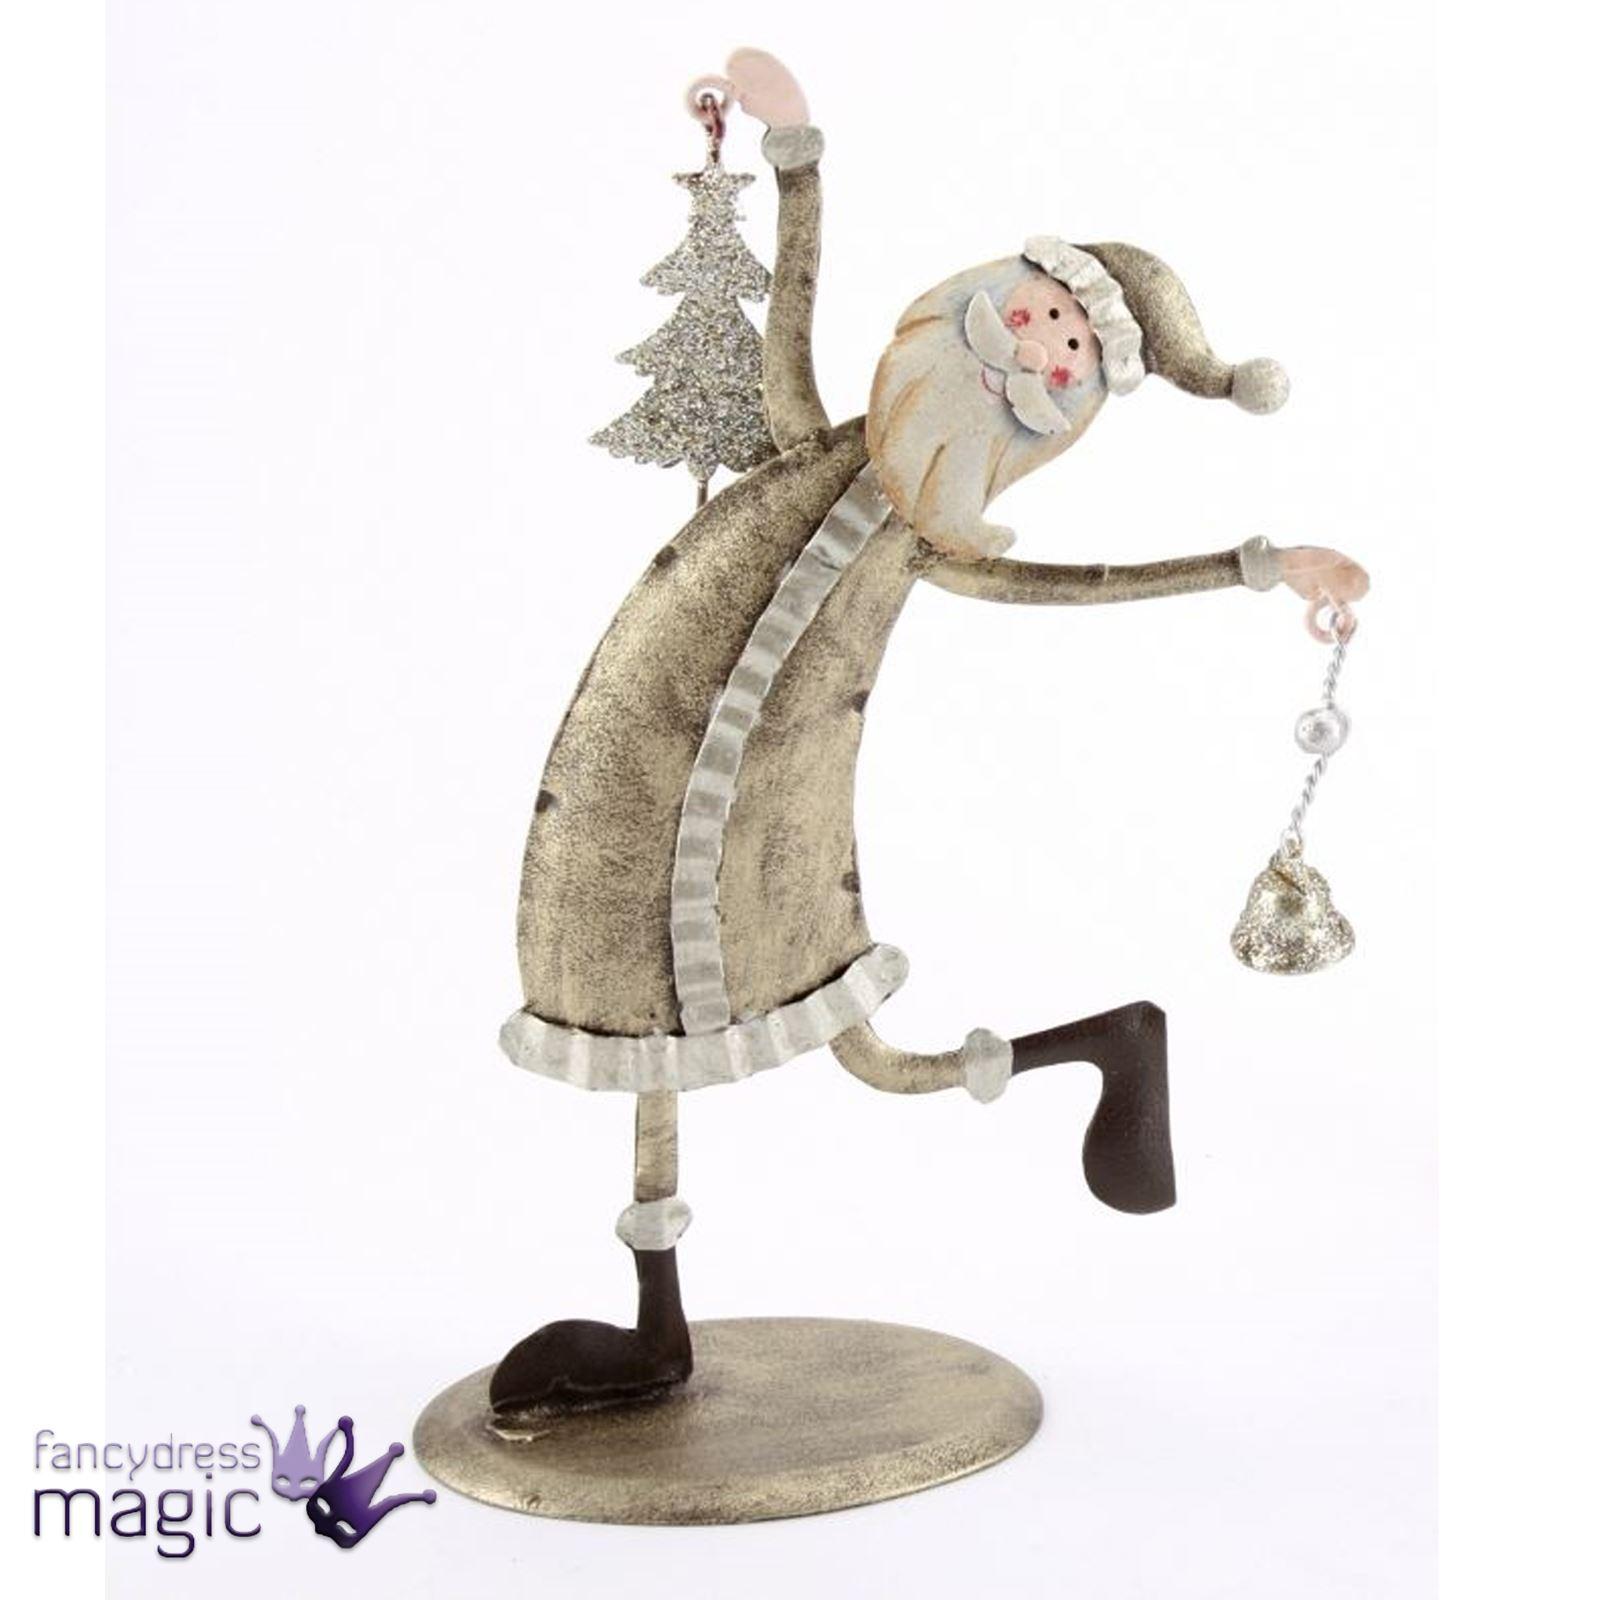 FANTAISIE-VINTAGE-Noel-Wobbler-Ornement-Figurine-paillete-dore-decoration-15cm